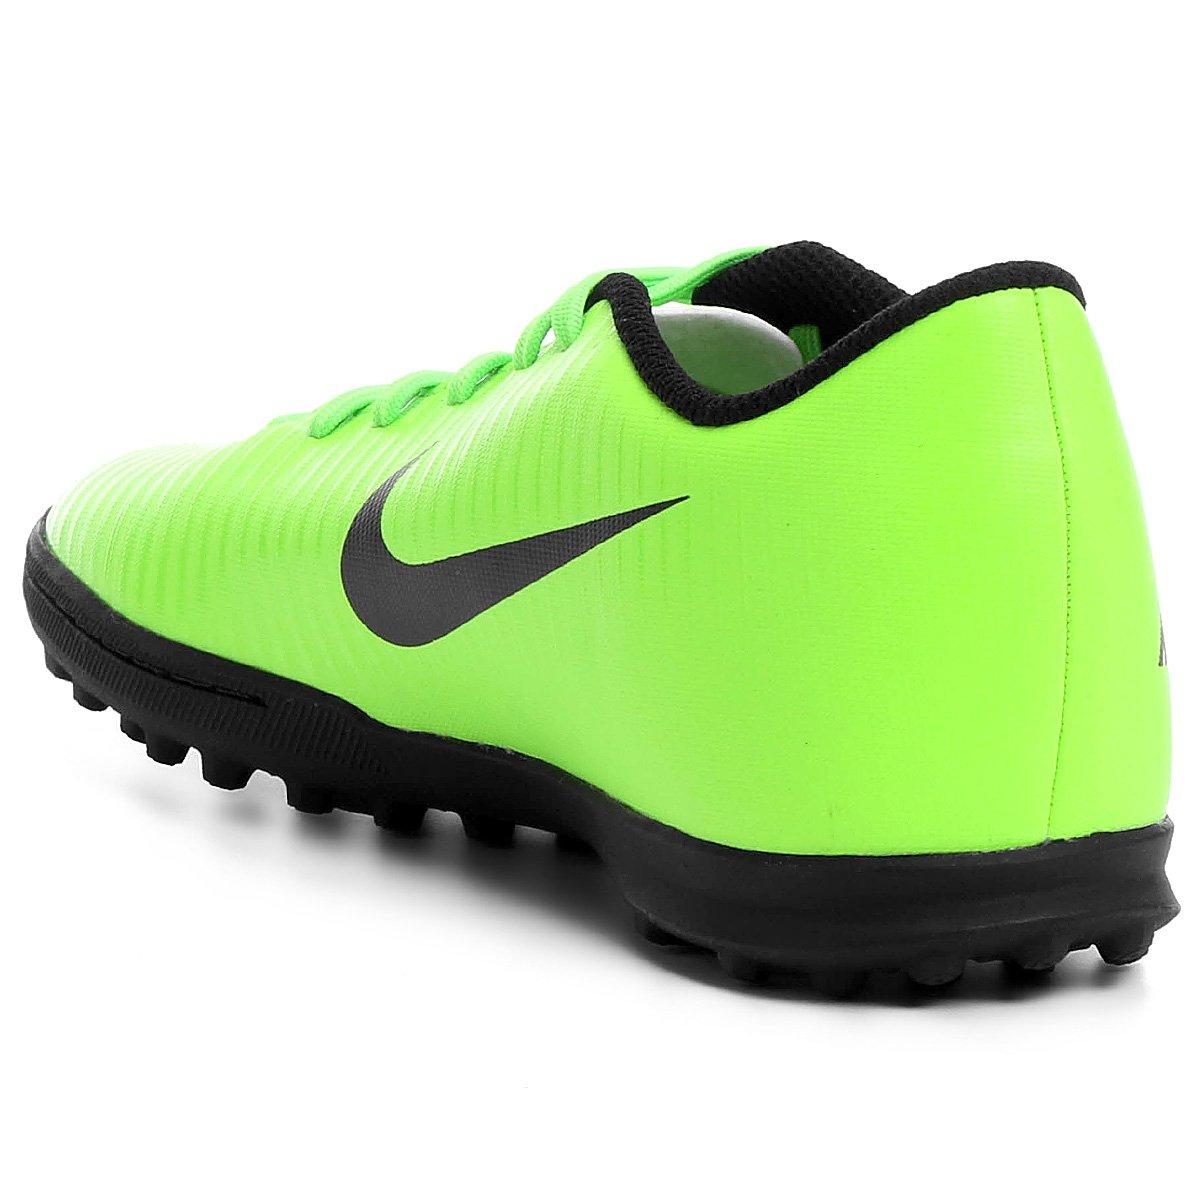 Chuteira Society Nike Mercurial Vortex 3 TF - Verde e Preto - Compre ... e8934ab0565e1